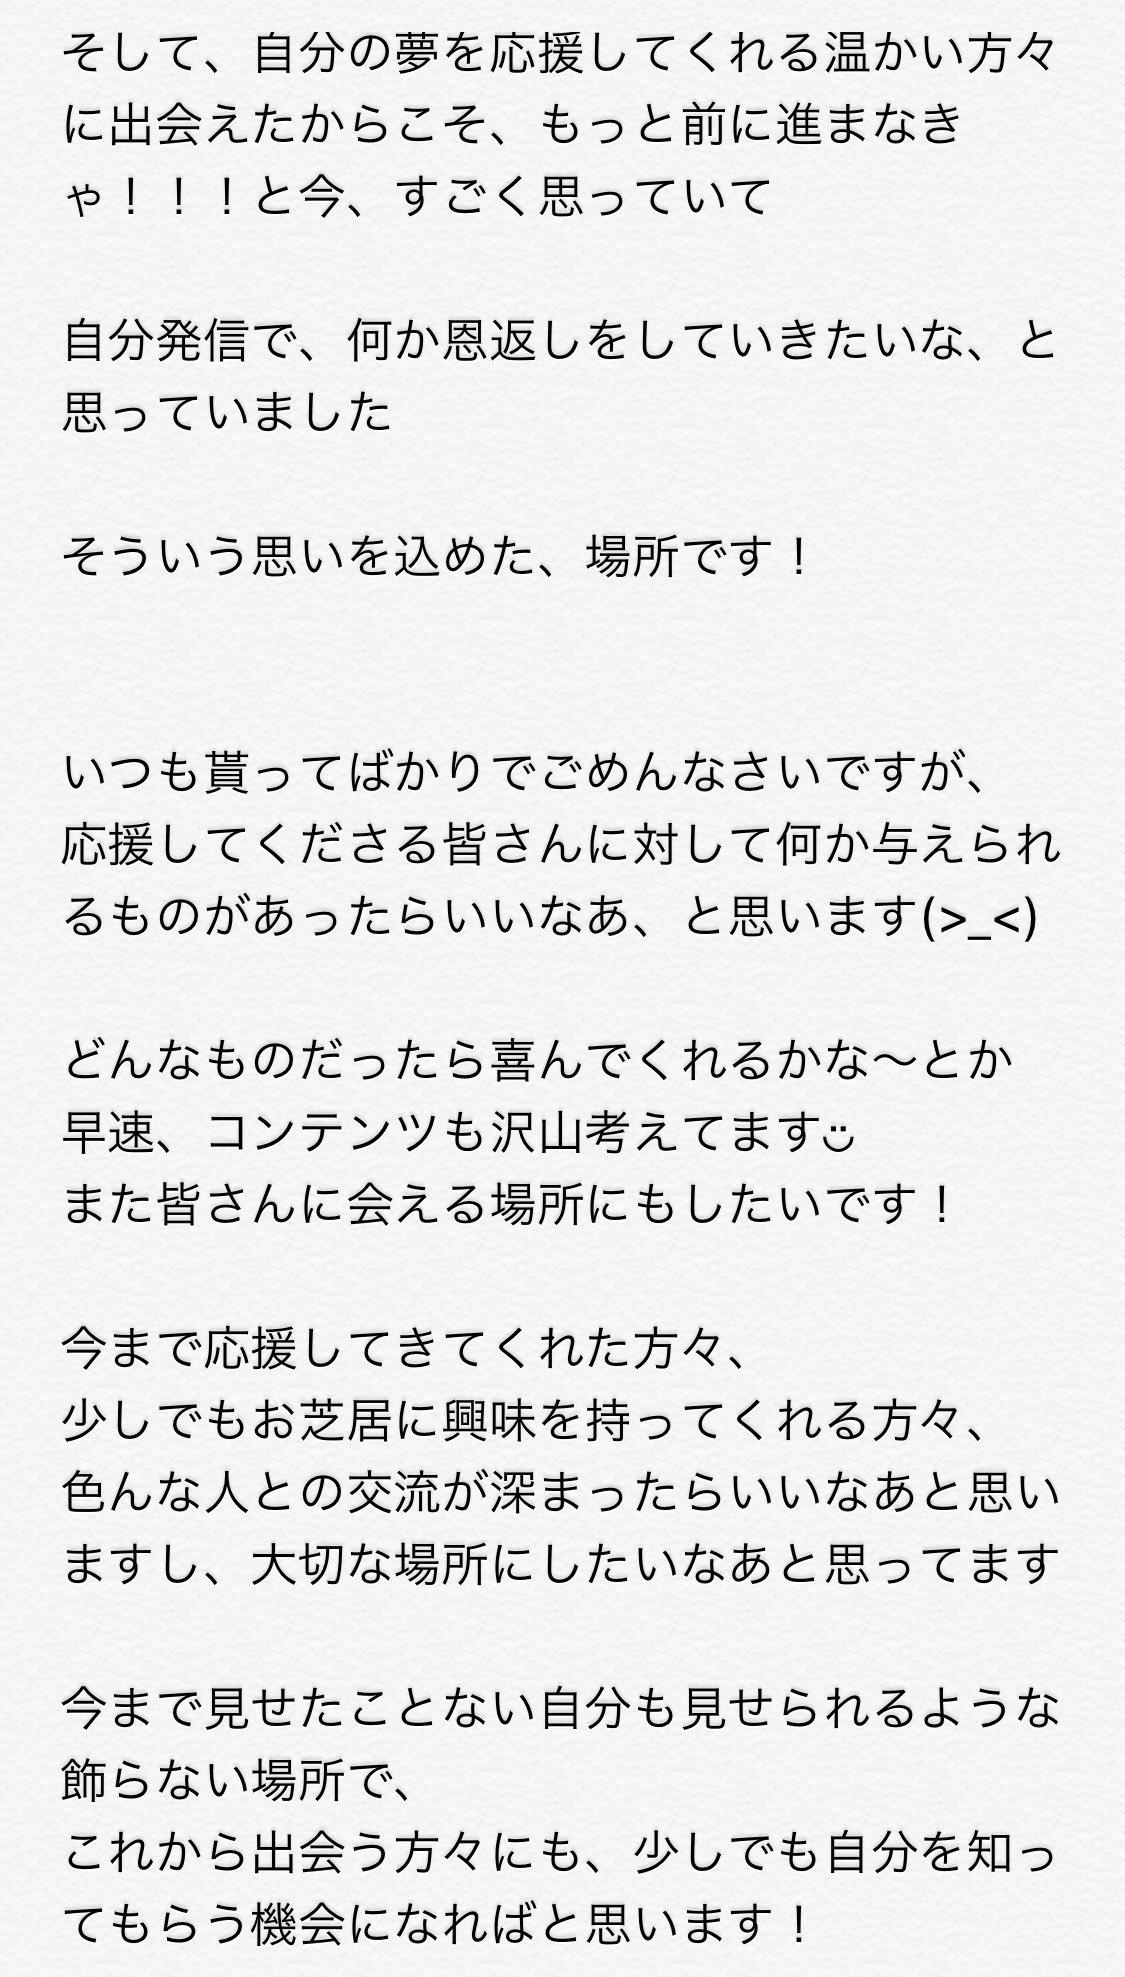 井上小百合ファンクラブ名の候補案3